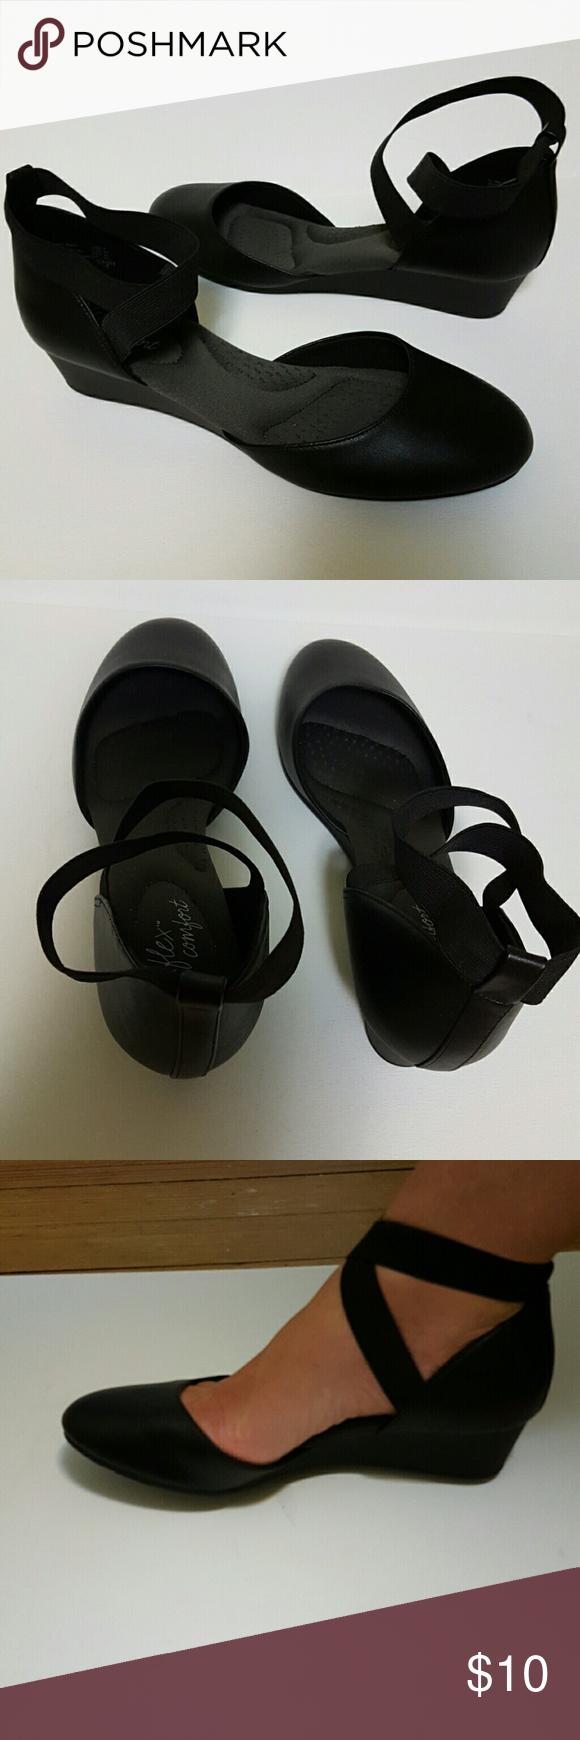 9f4ddd7921bd Dexflex Comfort Shoe NWOT. Black. Elastic Criss Cross Ankle Strap.  Cushioned Insole Dexflex Comfort Shoes